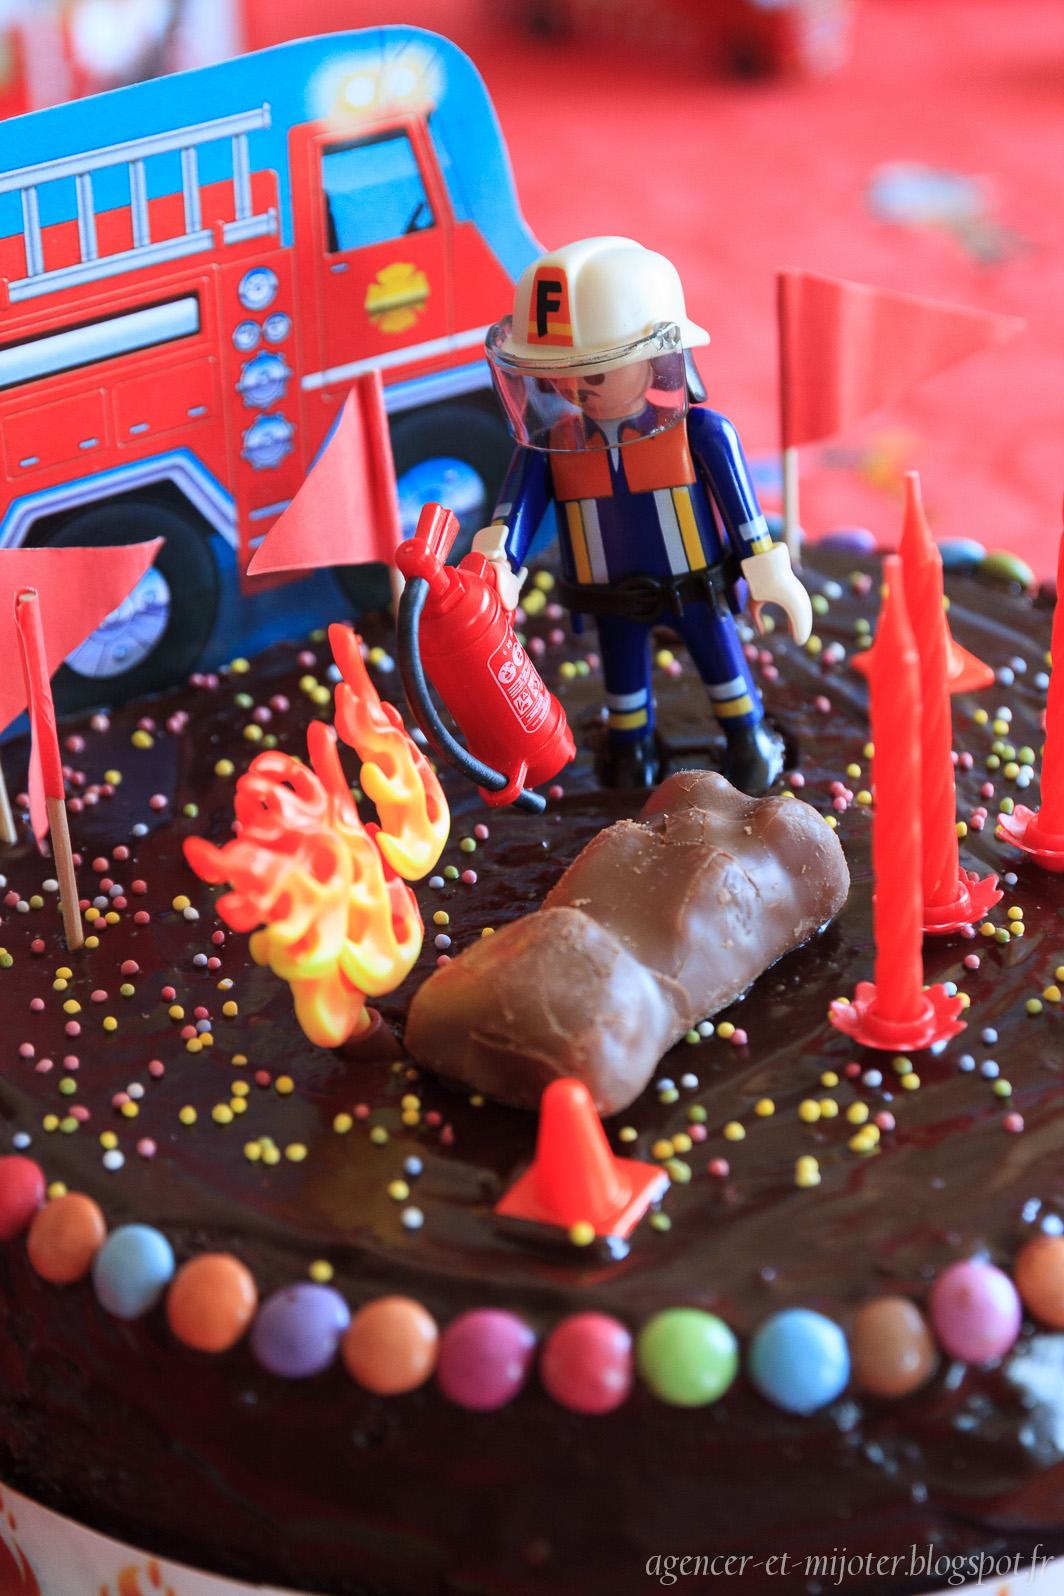 Agencer et mijoter diy anniversaire pompier 4 ans - Deco anniversaire pompier ...